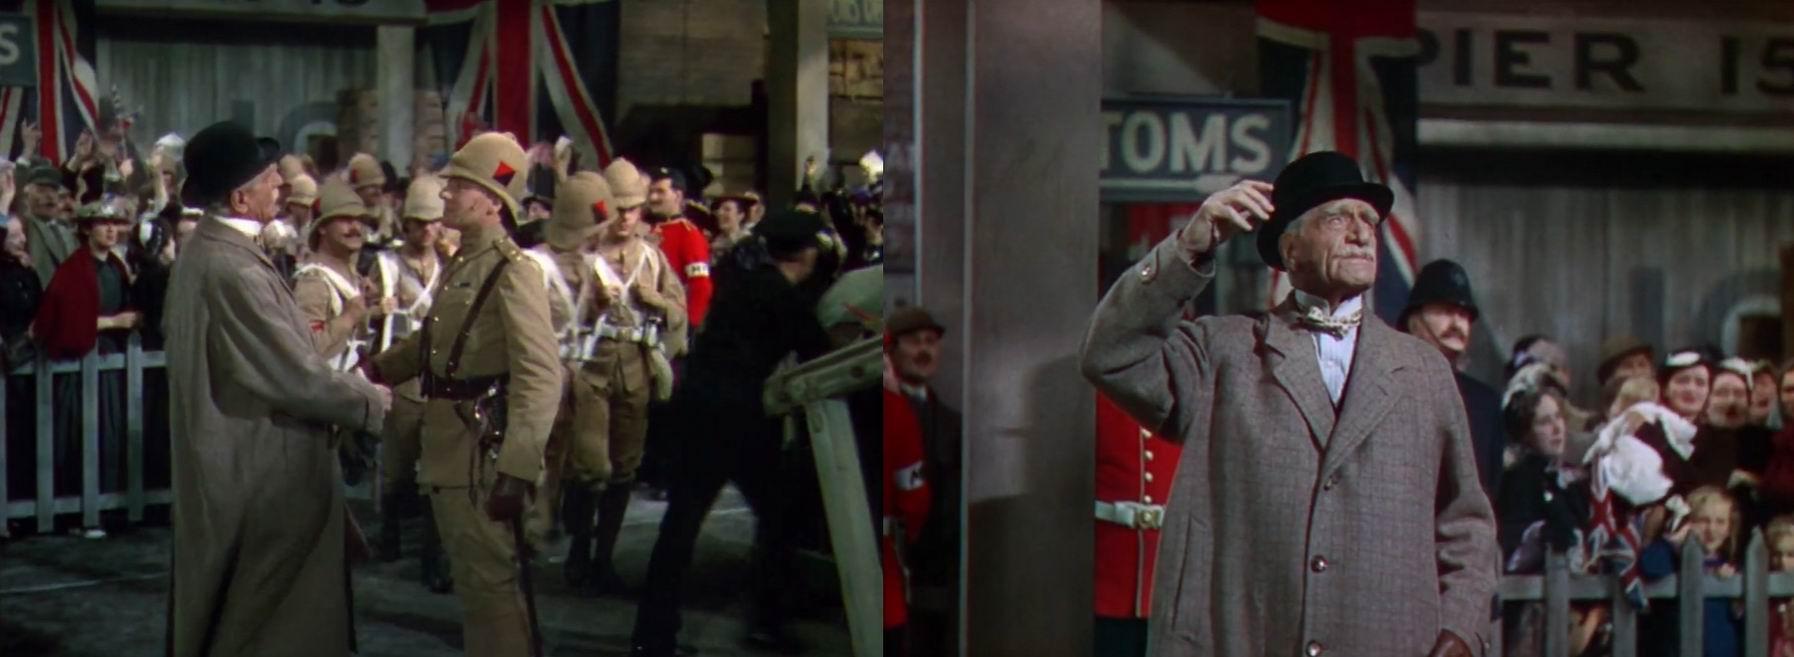 """""""Четыре пера"""" (1939). Военный полицейский с белой повязкой на рукаве."""